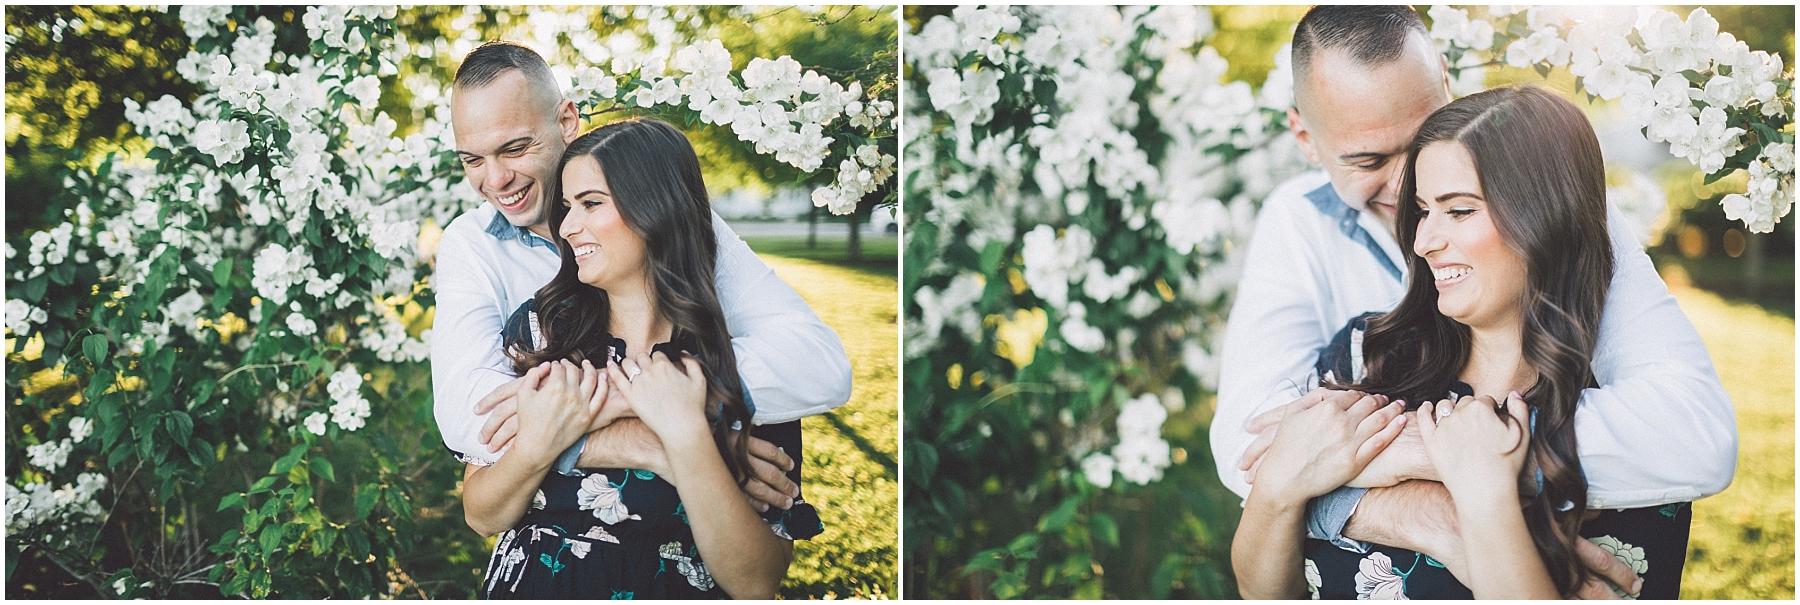 fingerlakesweddingphotography_0412.jpg